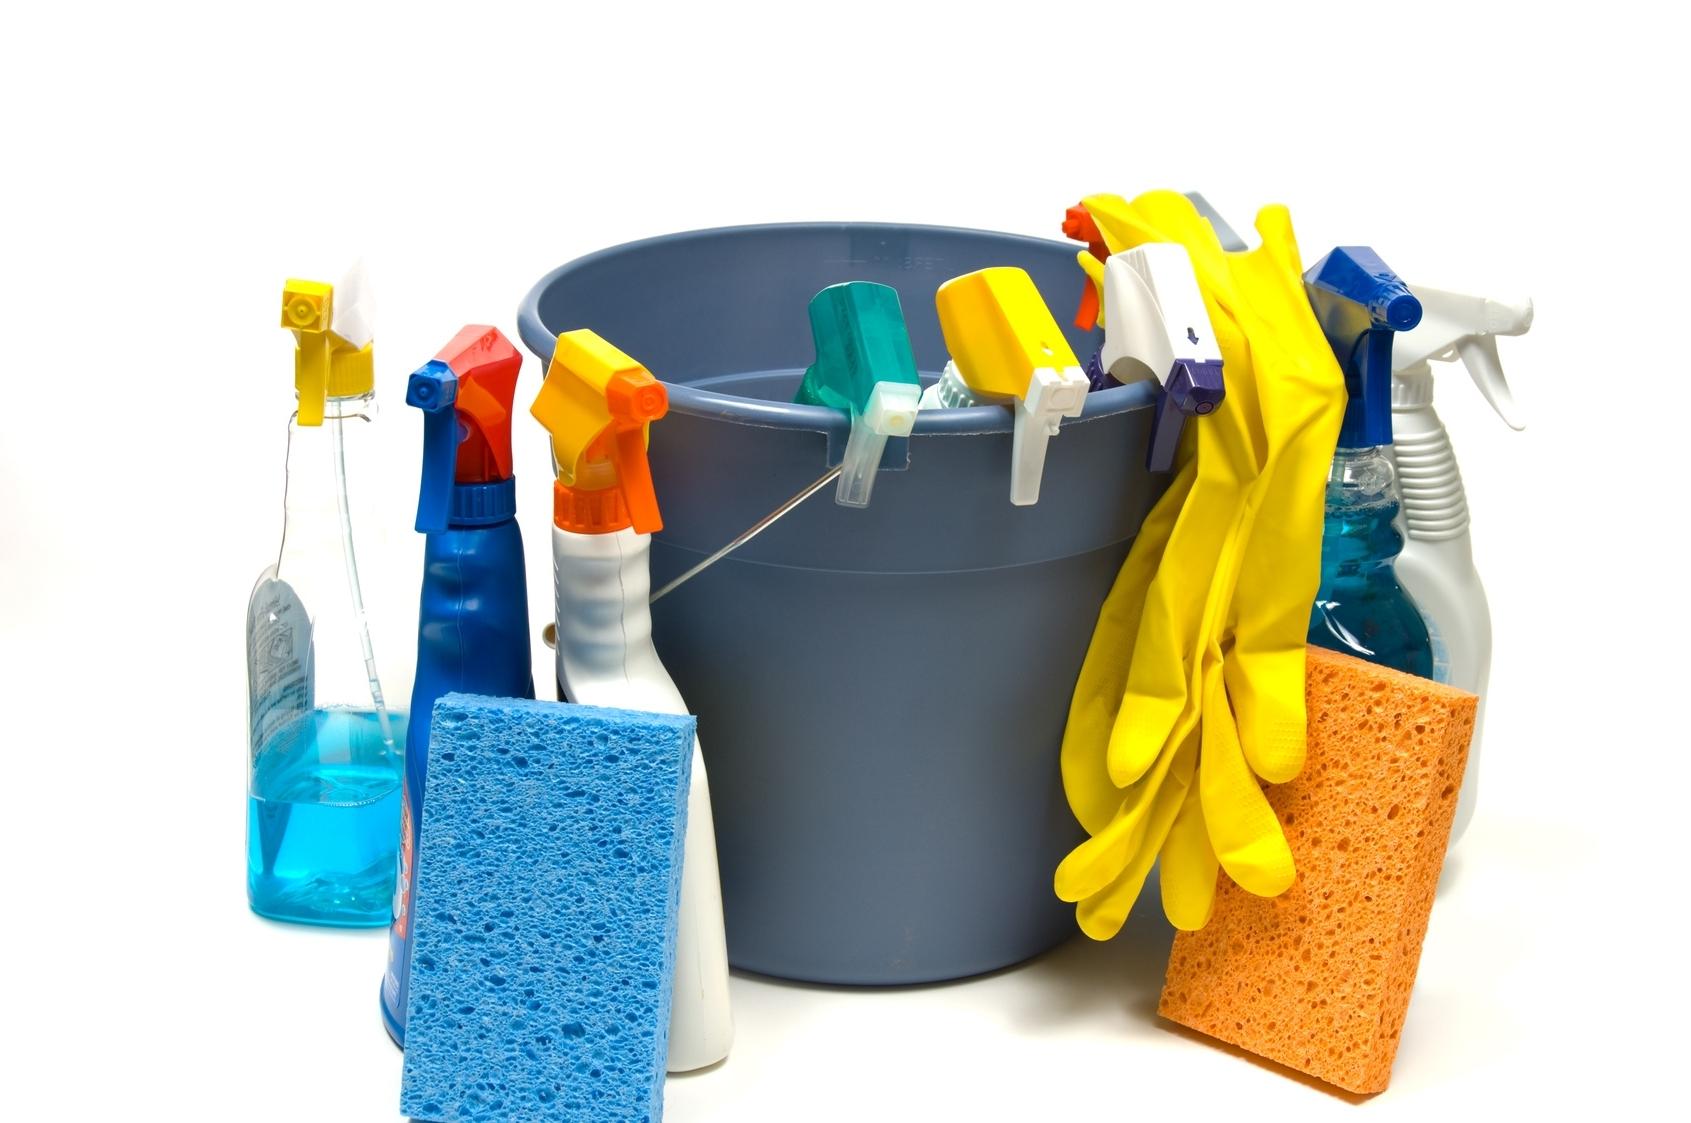 Моющие средства для мытья потолка